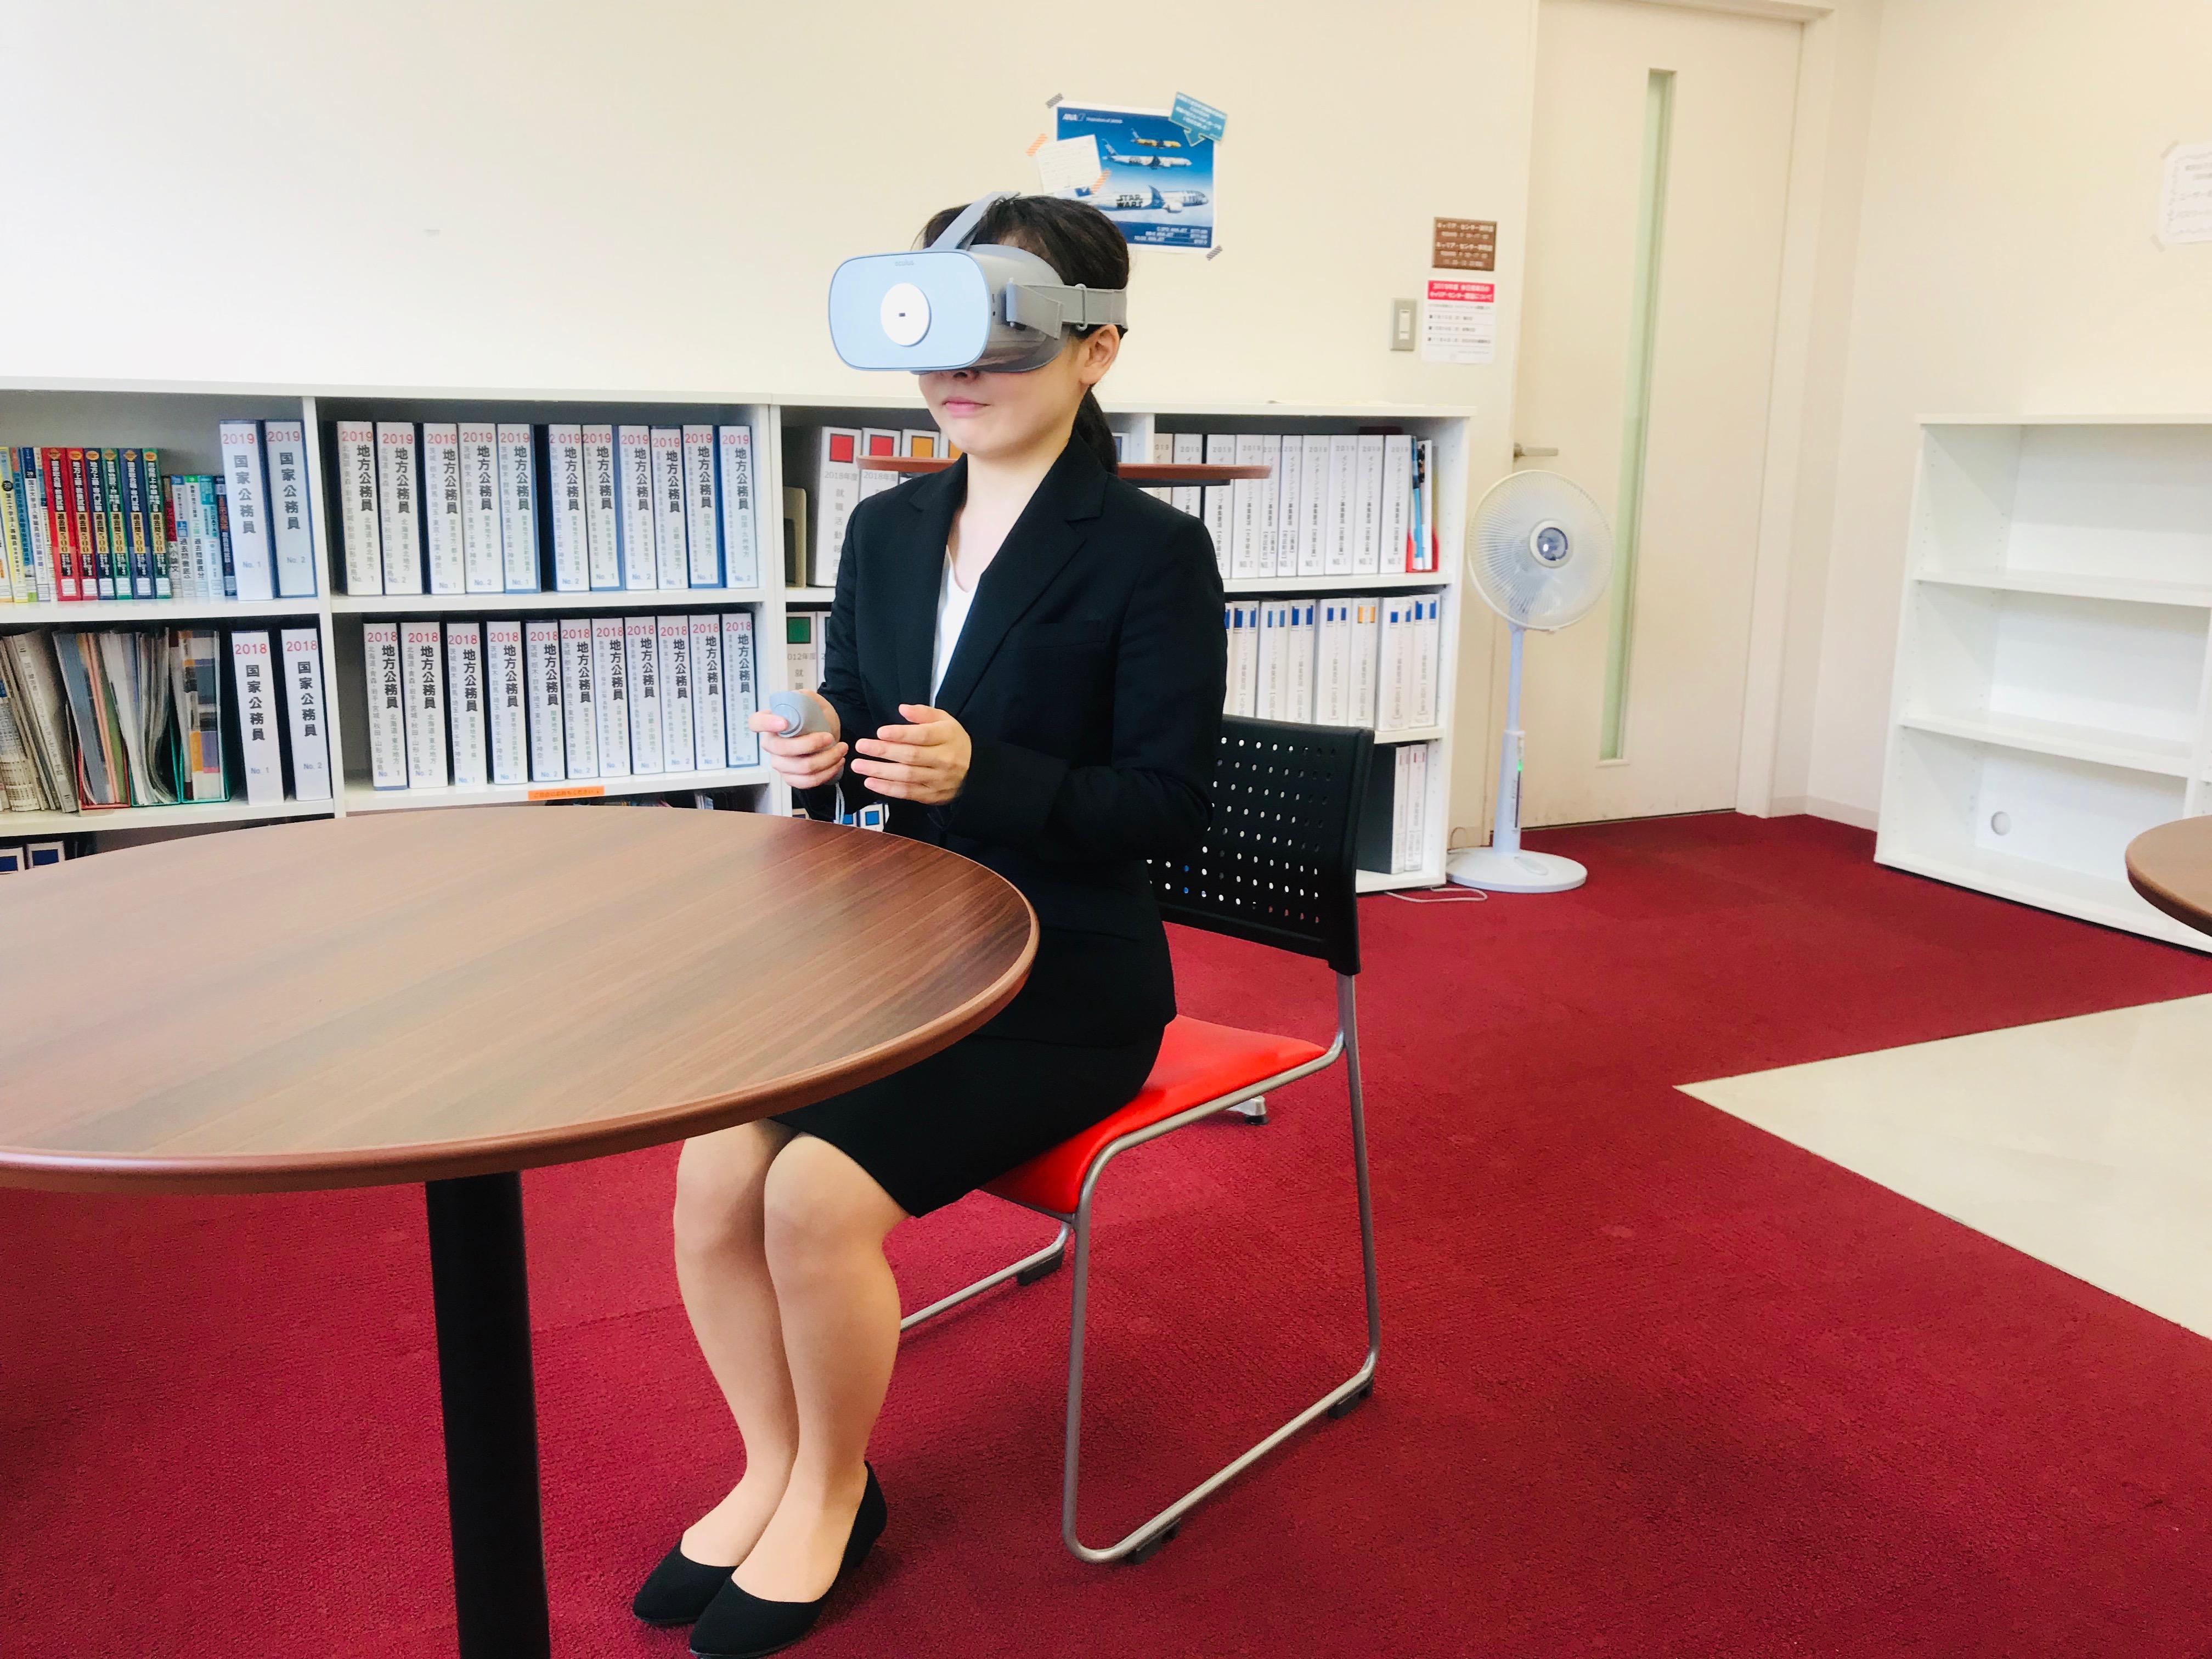 東京女子大学が就職活動支援にVRを活用した採用面接体験動画を導入 -- 大学の就職支援では日本初の試み